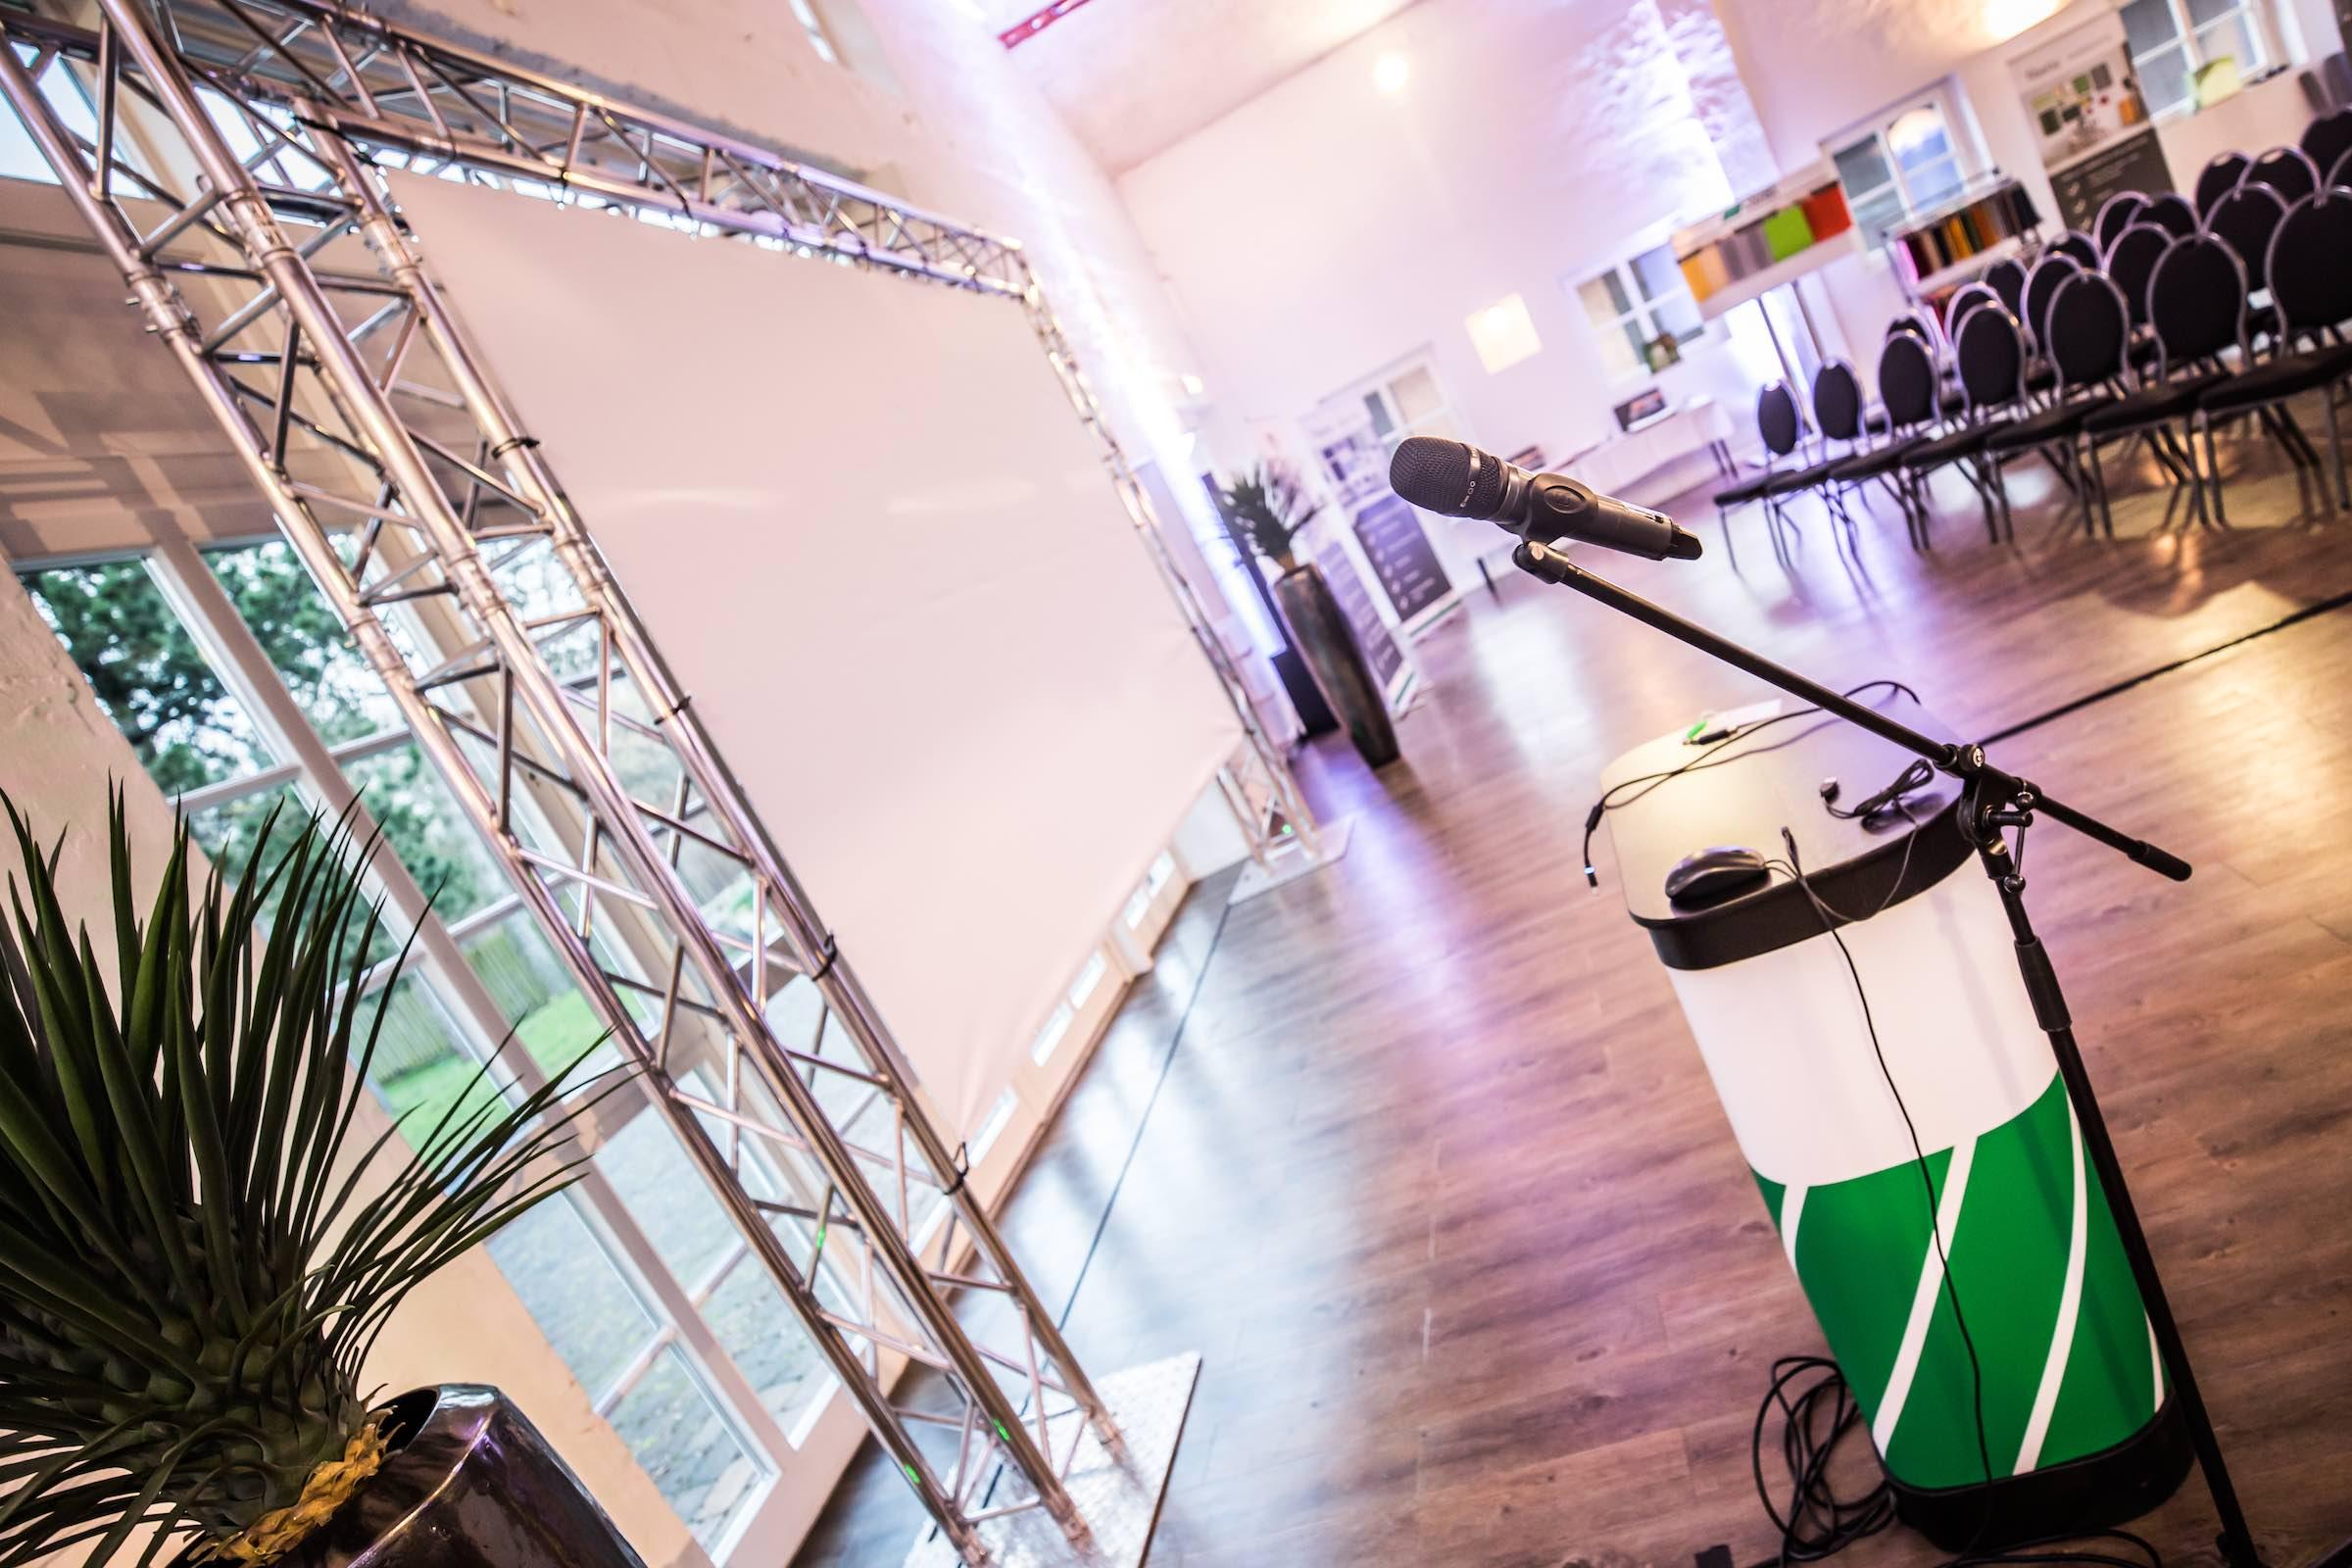 Tagungstechnik | Hannover | Mikrofone | Beamer | LCD | Leinwände | Rednerpult | Bühne | Lichttechnik | Tontechnik | Beschallung | Buchen | Mieten | Lehmann | Eventservice